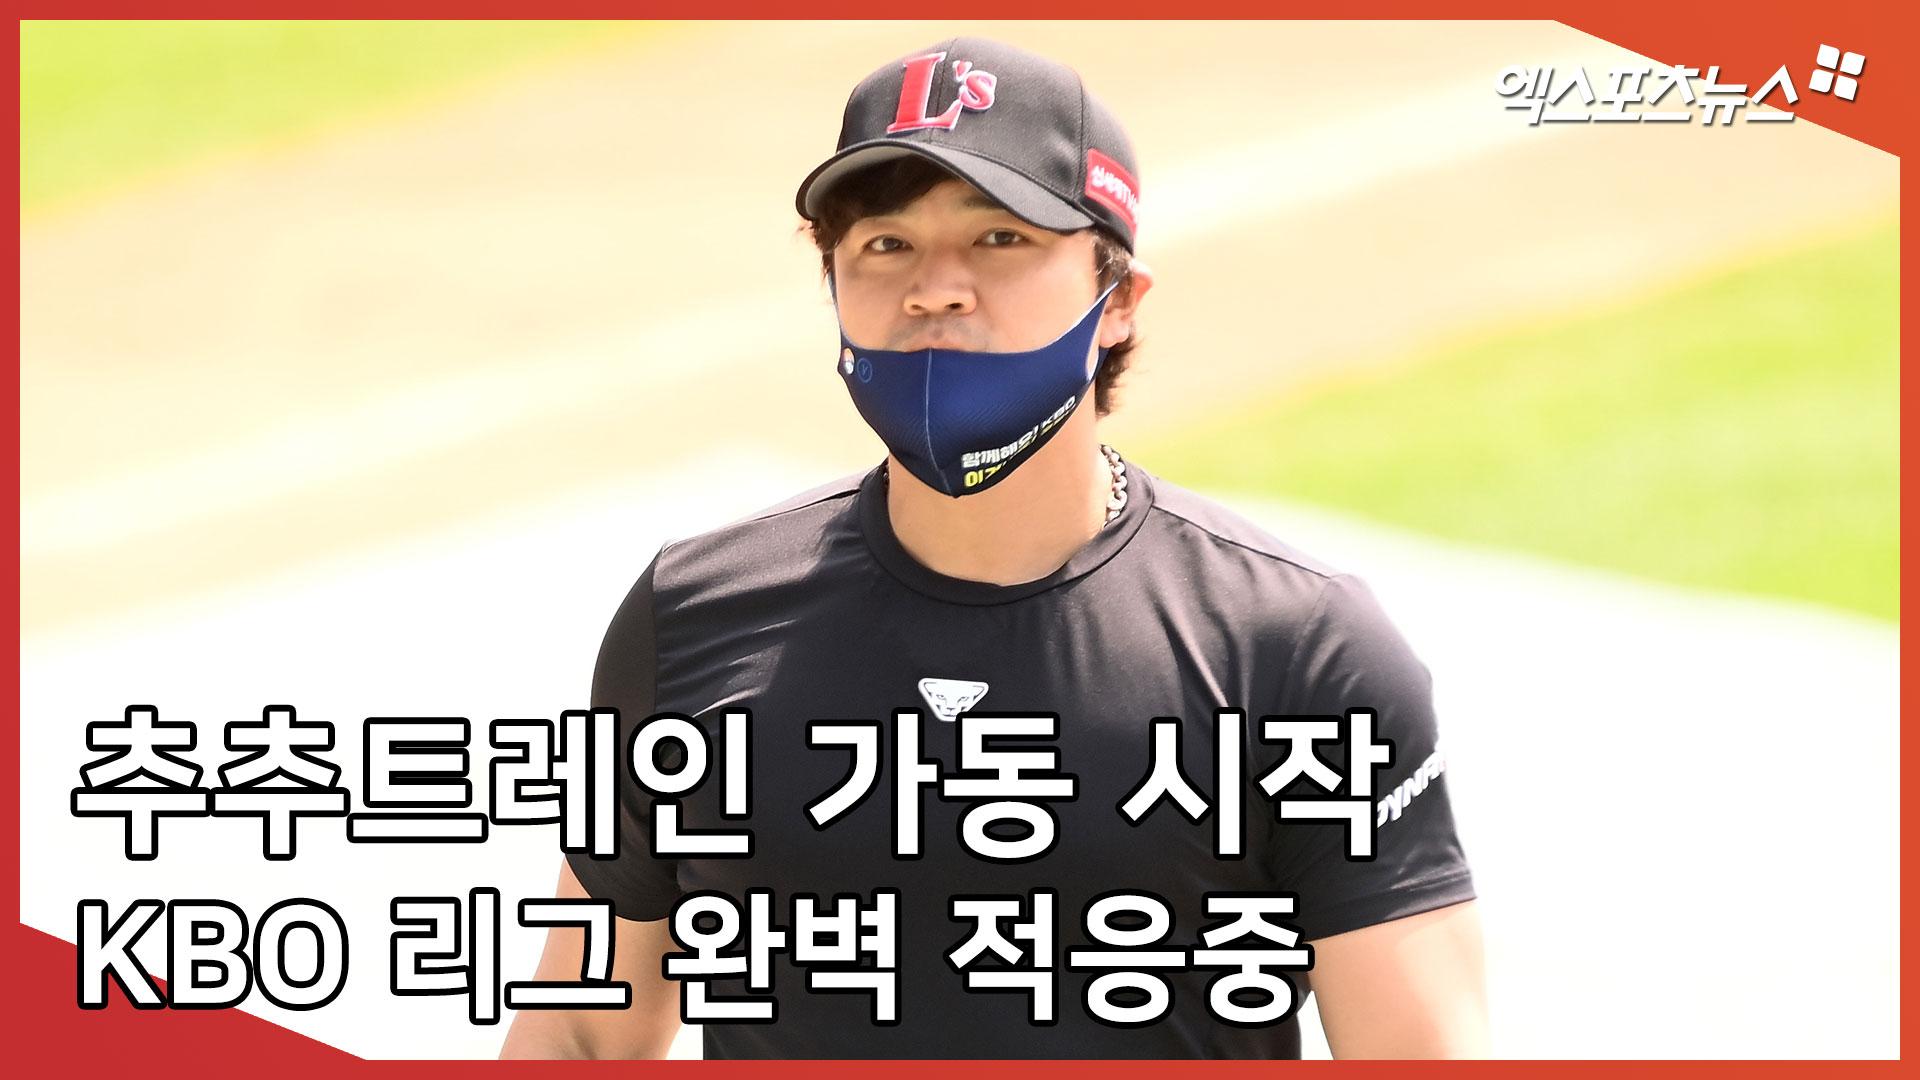 '추추트레인 가동 시작' 추신수, KBO 리그 완벽 적응중[엑's 스케치]